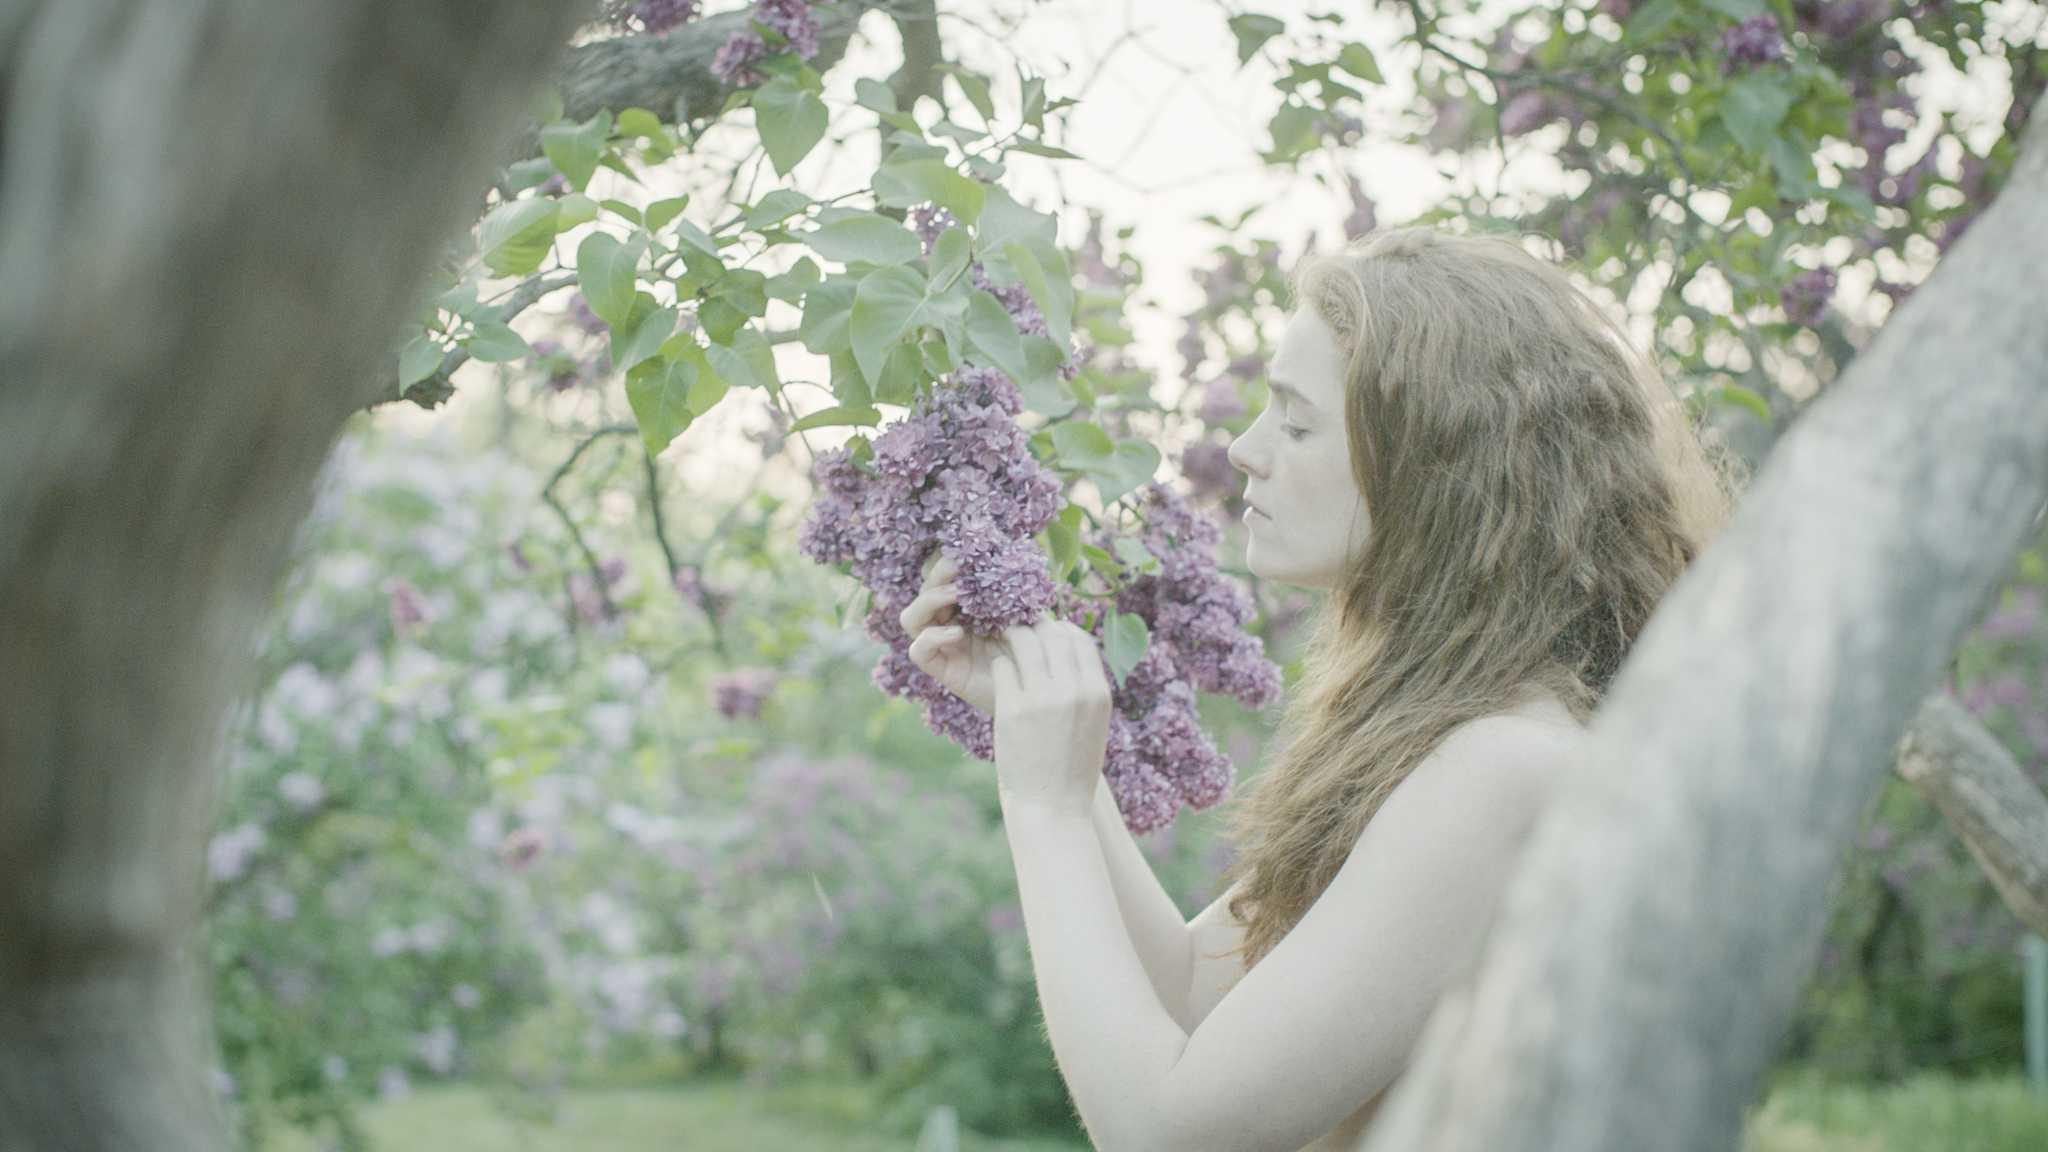 lilac - <b>Що подивитися цієї осені?</b> «7+7» — онлайн-фестиваль коротких метрів від видатних режисерок - Заборона